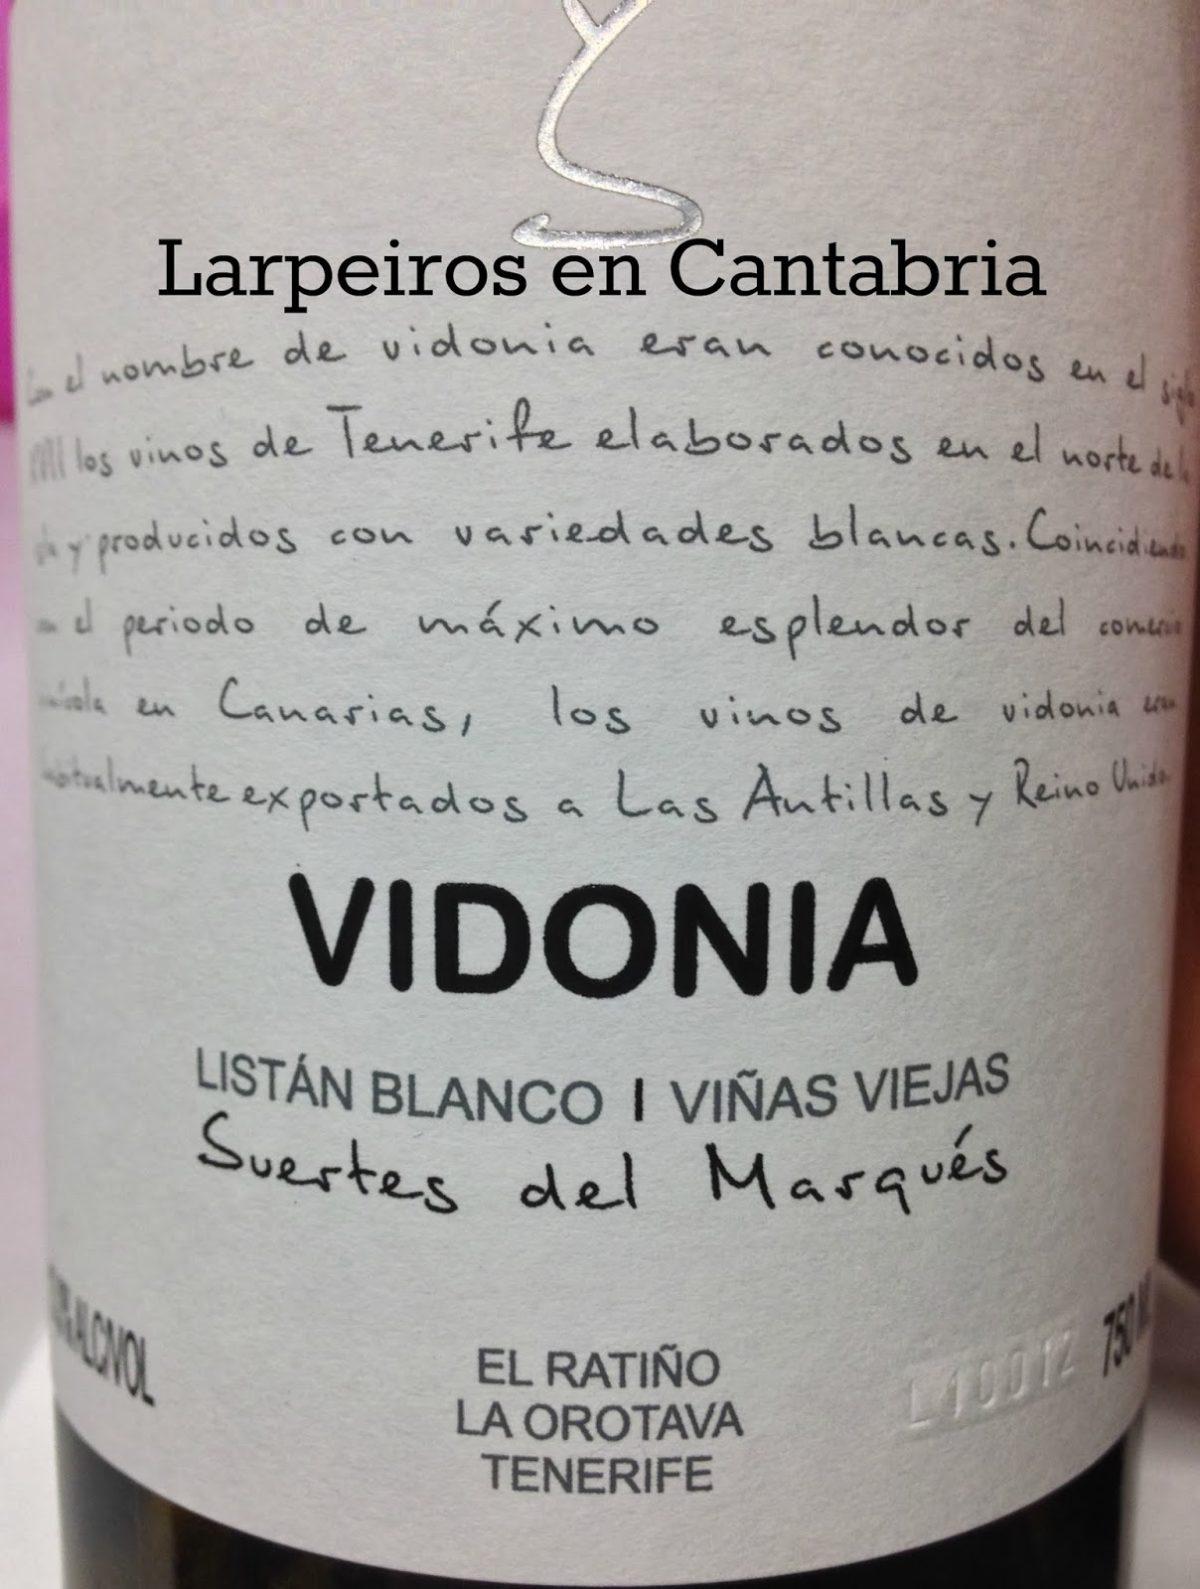 Vino Blanco Suertes del Marqués Vidonia 2012: Me sentí raro, raro…